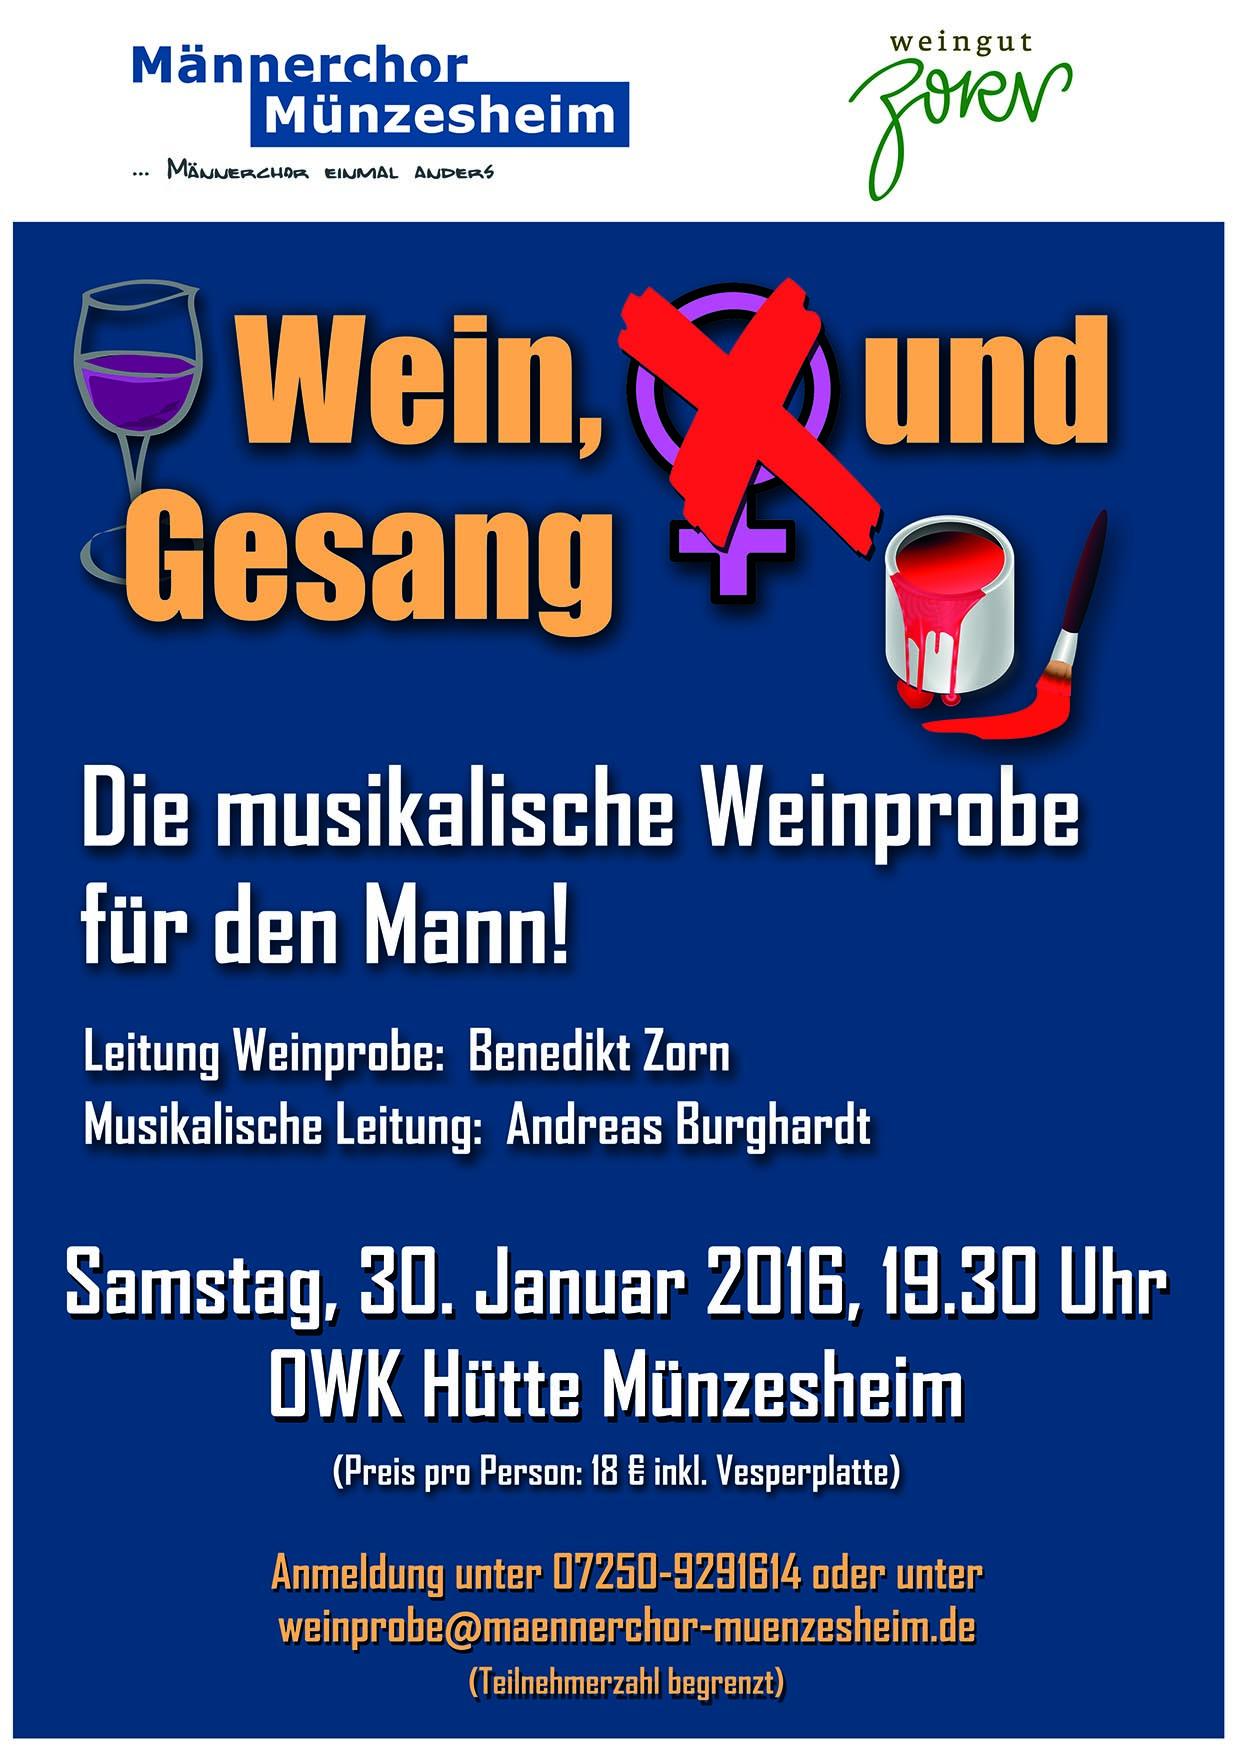 Einladung: Weinchorprobe in der Münzesheimer OWK Hütte